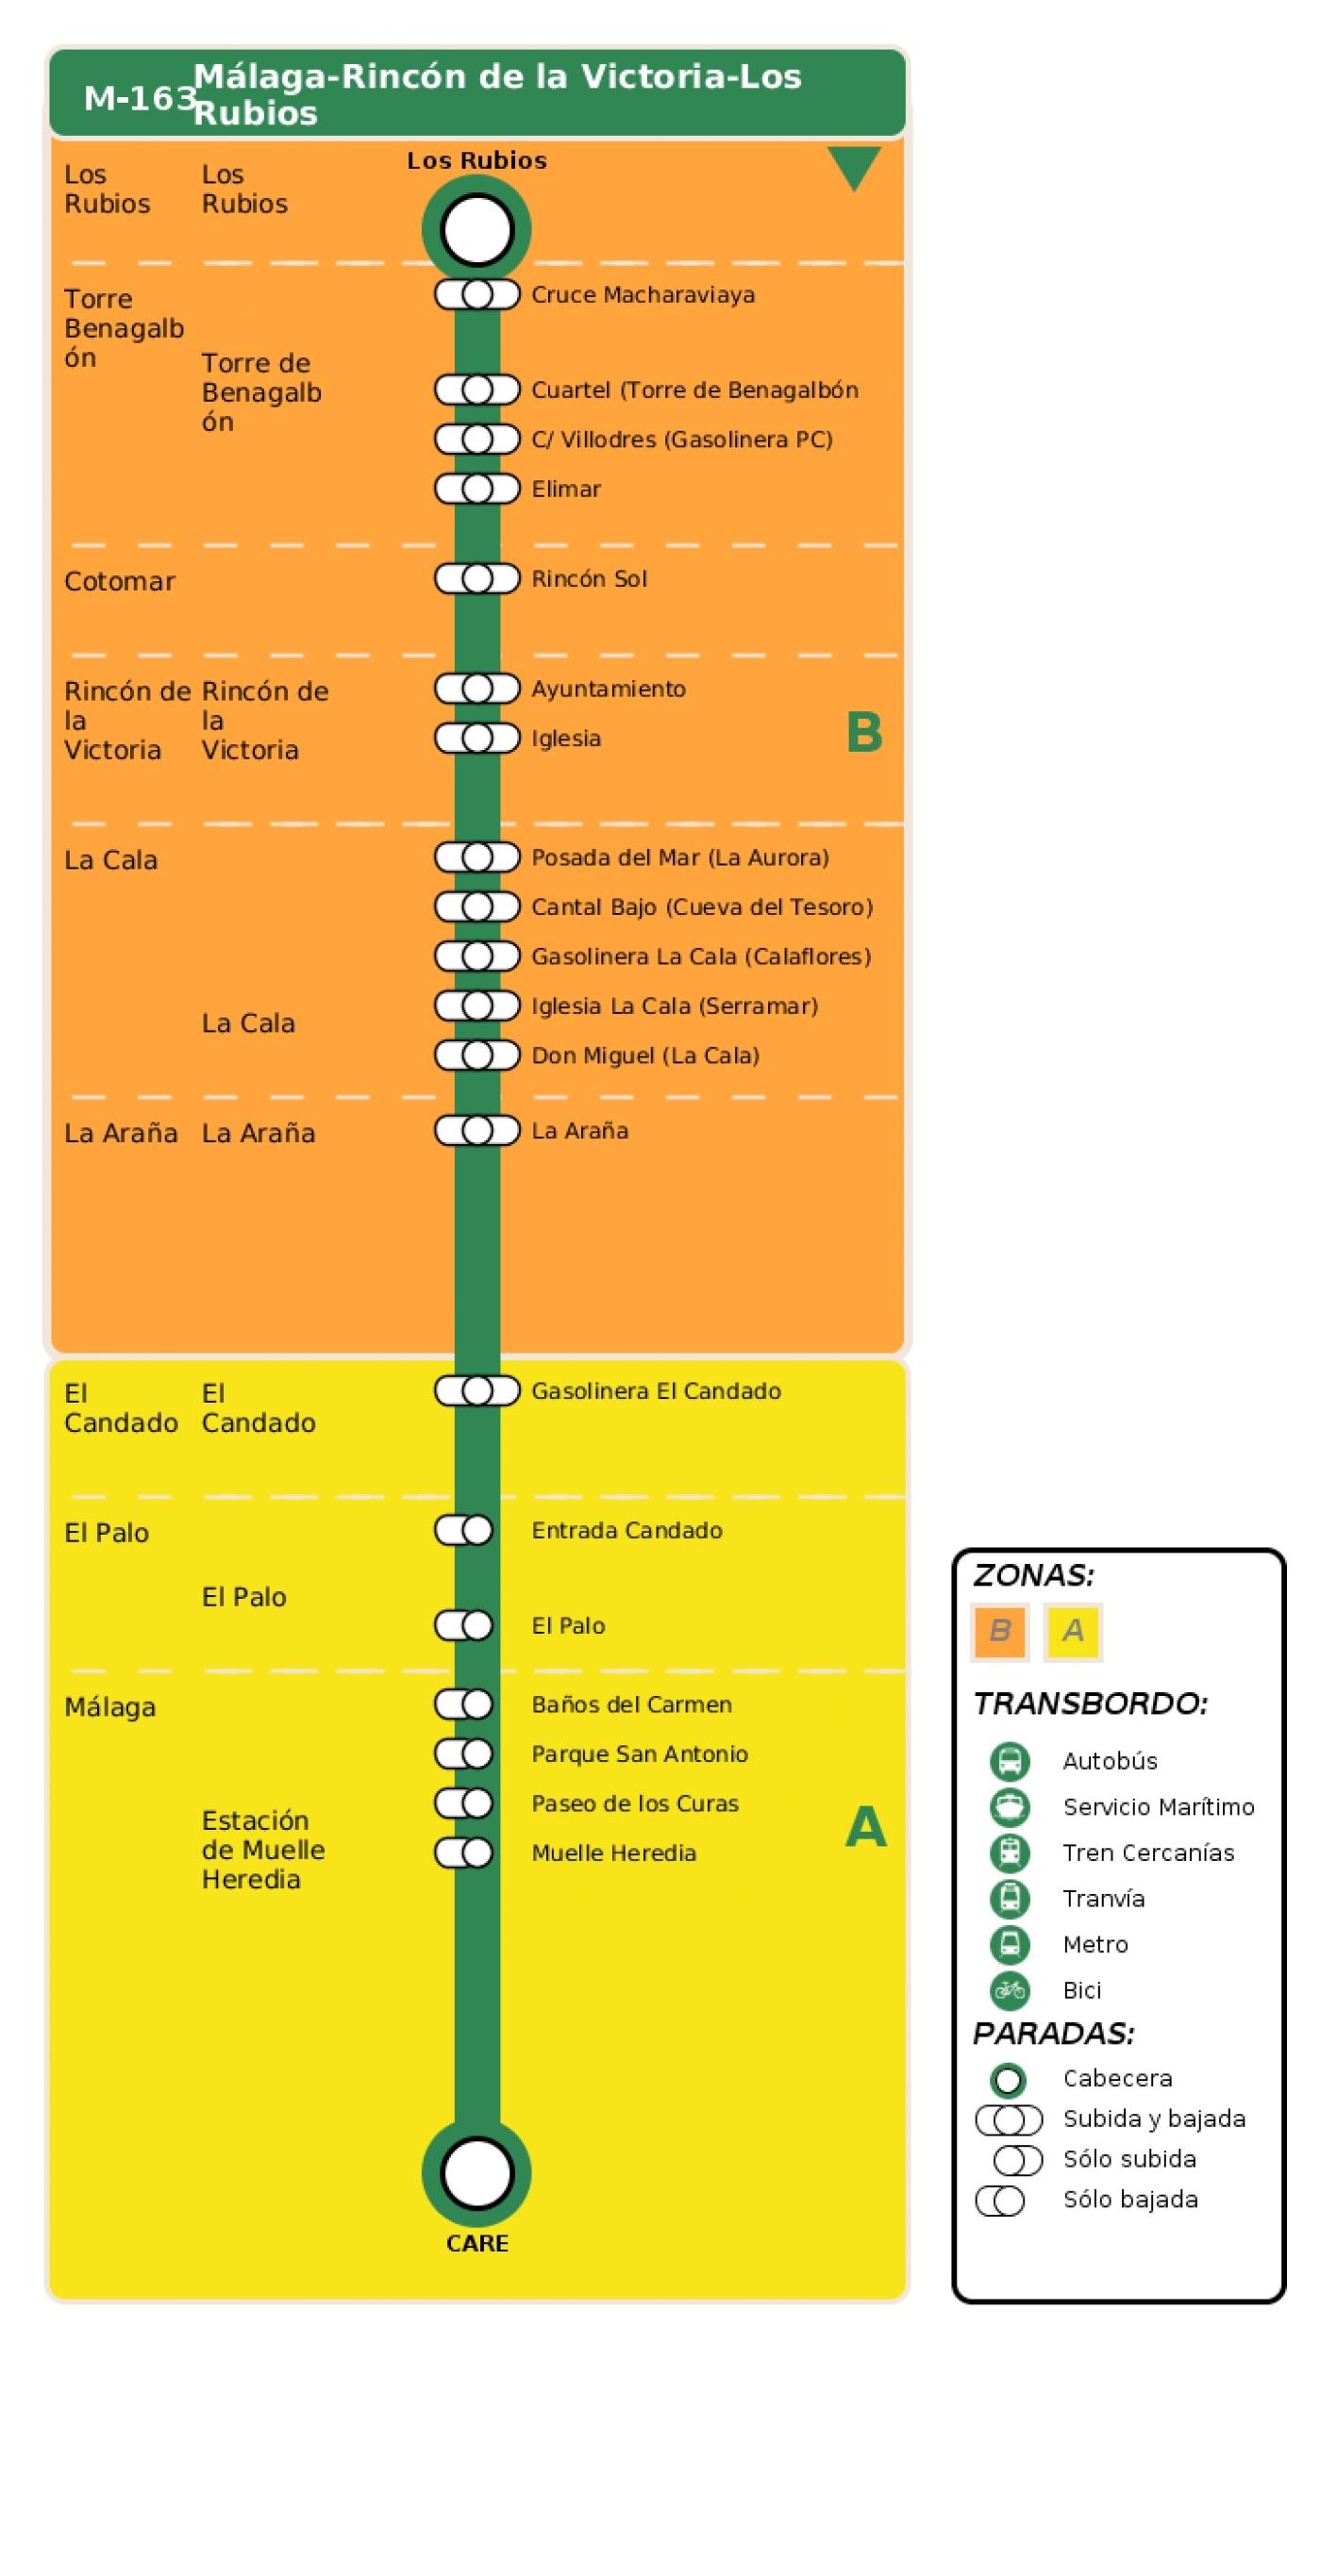 Recorrido esquemático, paradas y correspondencias en sentido vuelta Línea M-163: Málaga - Rincón de la Victoria - Los Rubios